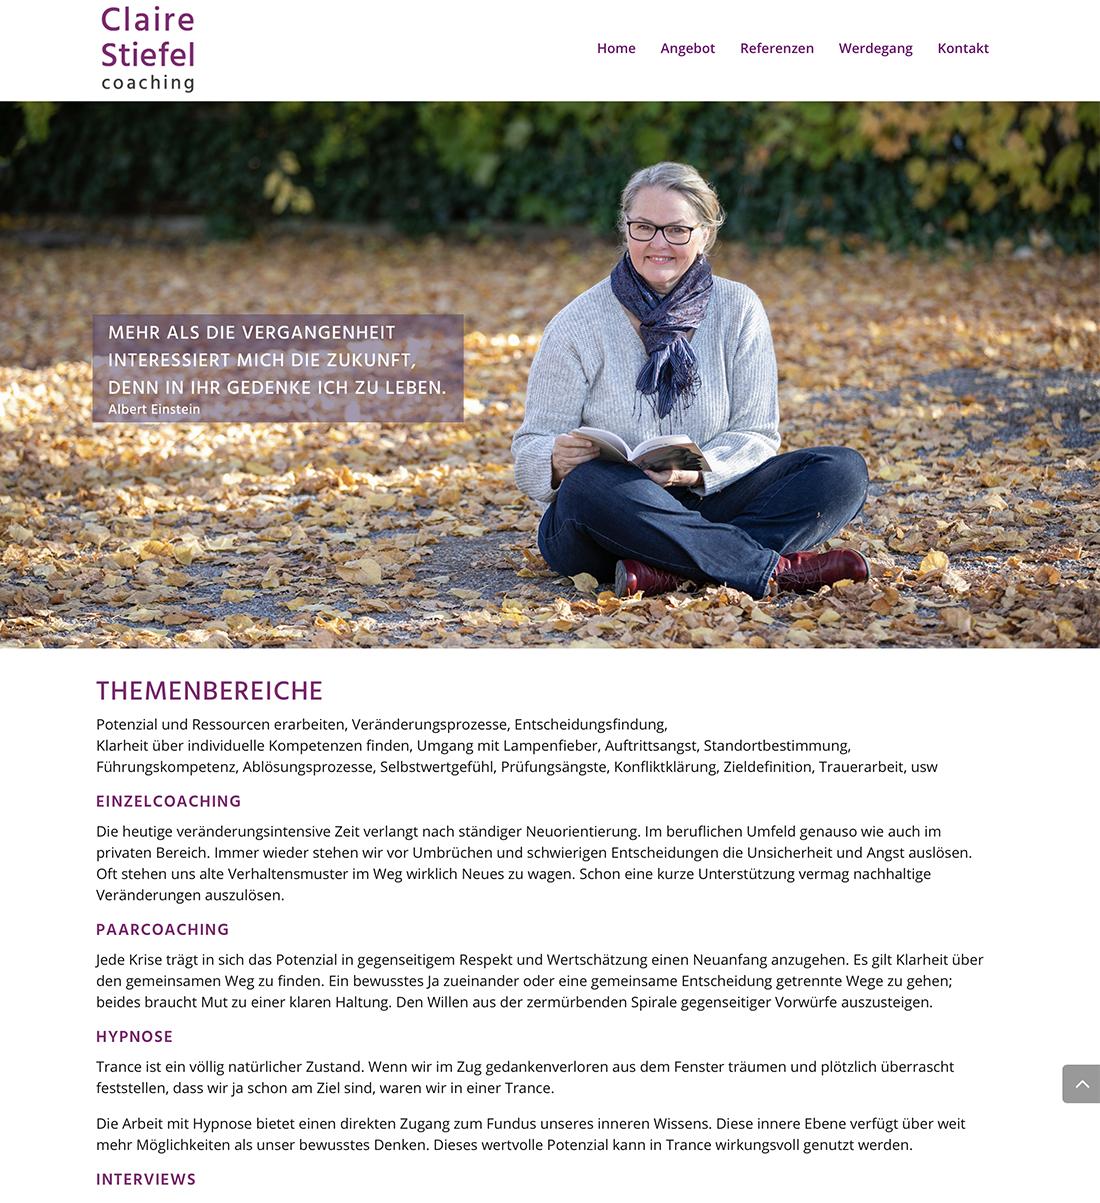 Claire Stiefel coaching 2 – Referenzbild von laufweite Webdesign & Corporate Design | Raum Zürich